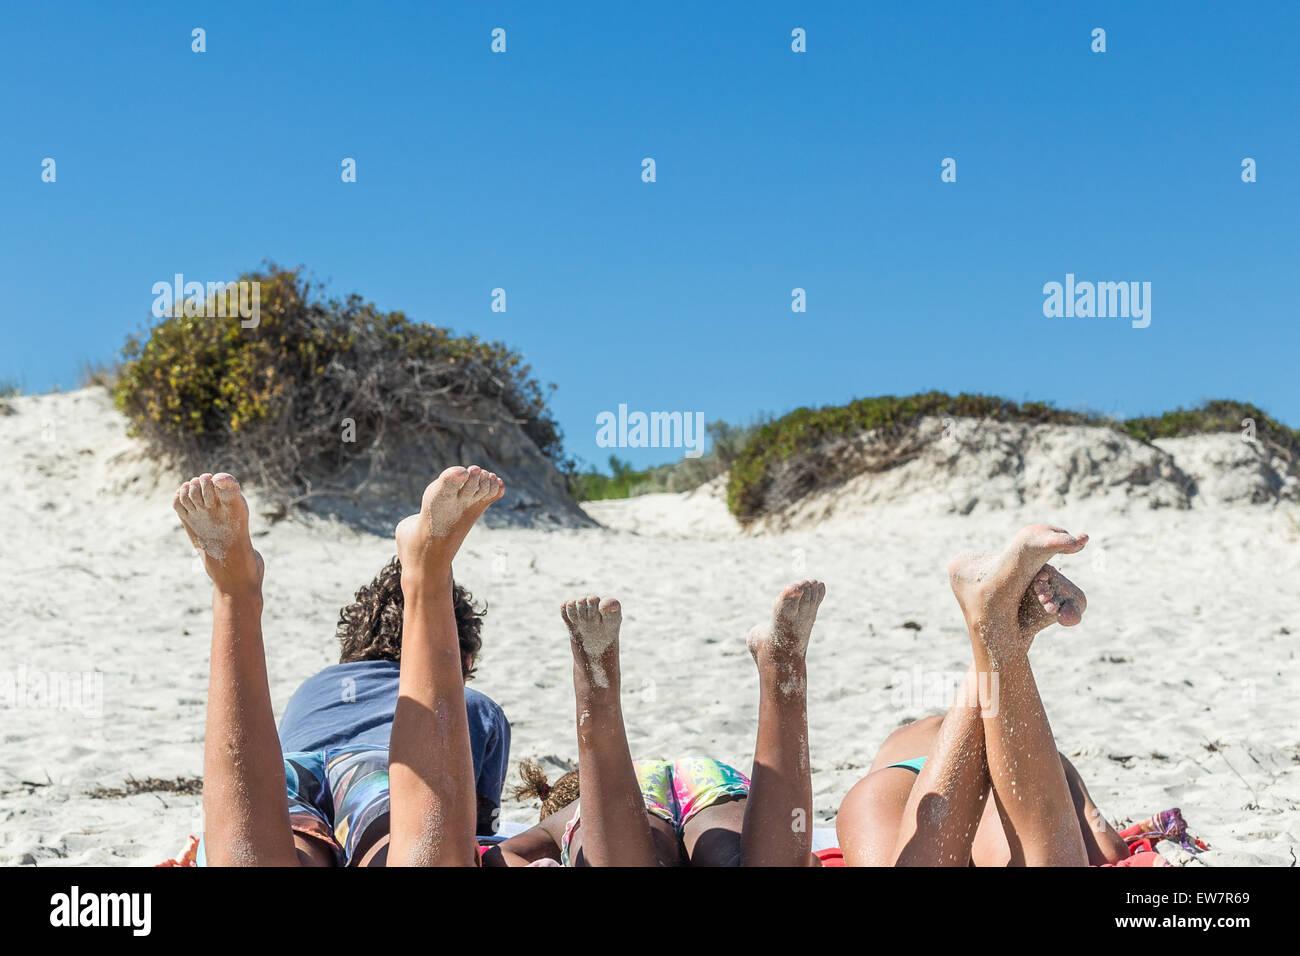 Trois enfants sur la plage avec leurs jambes en l'air Photo Stock